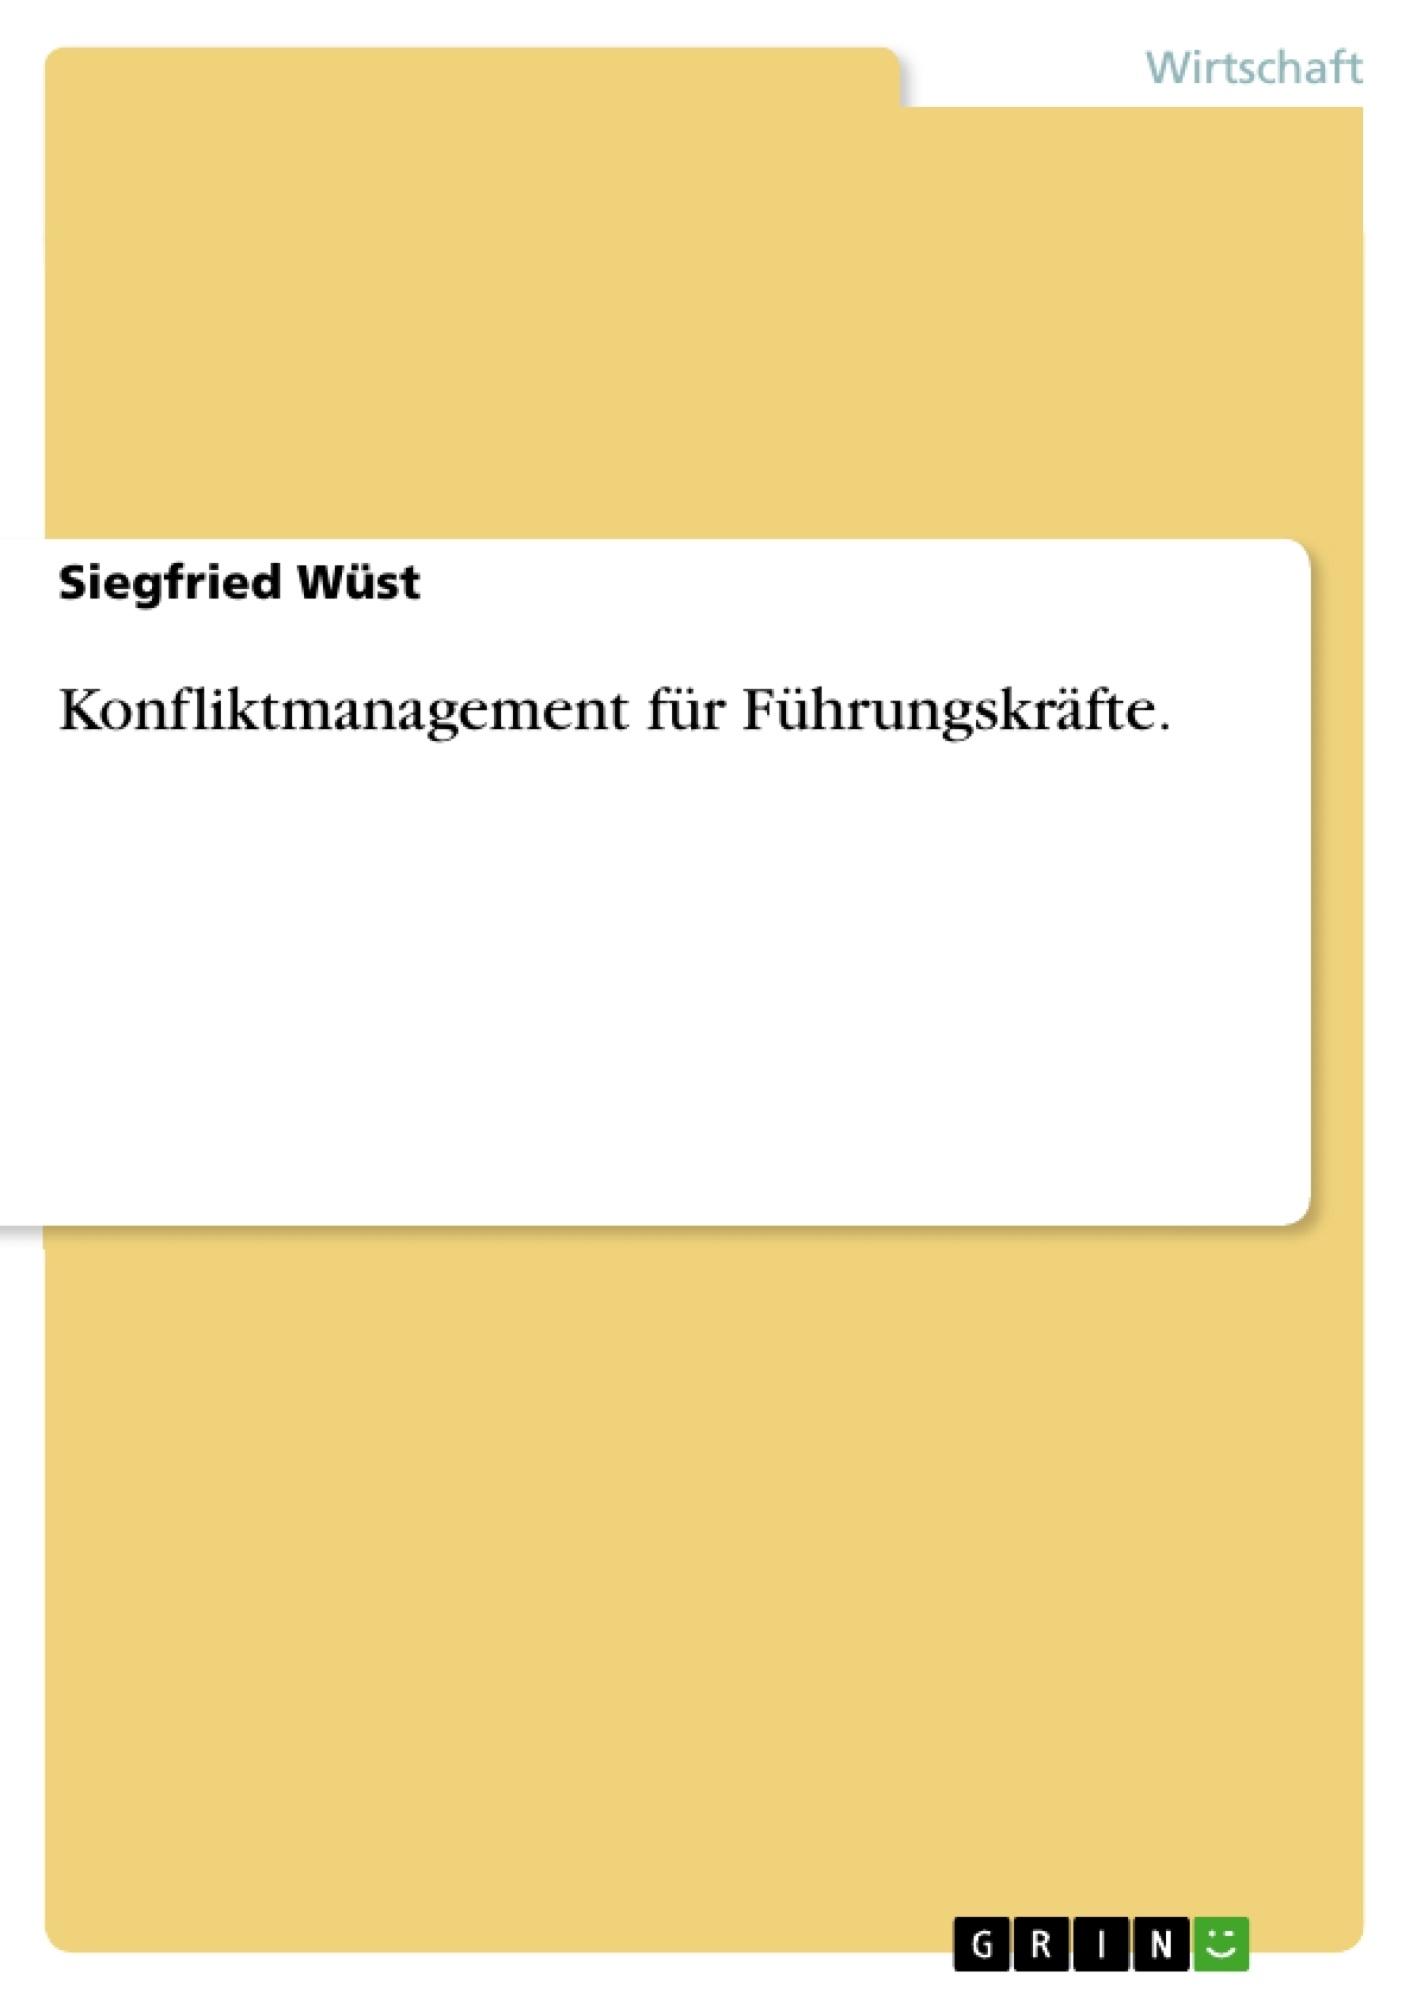 Titel: Konfliktmanagement für Führungskräfte.